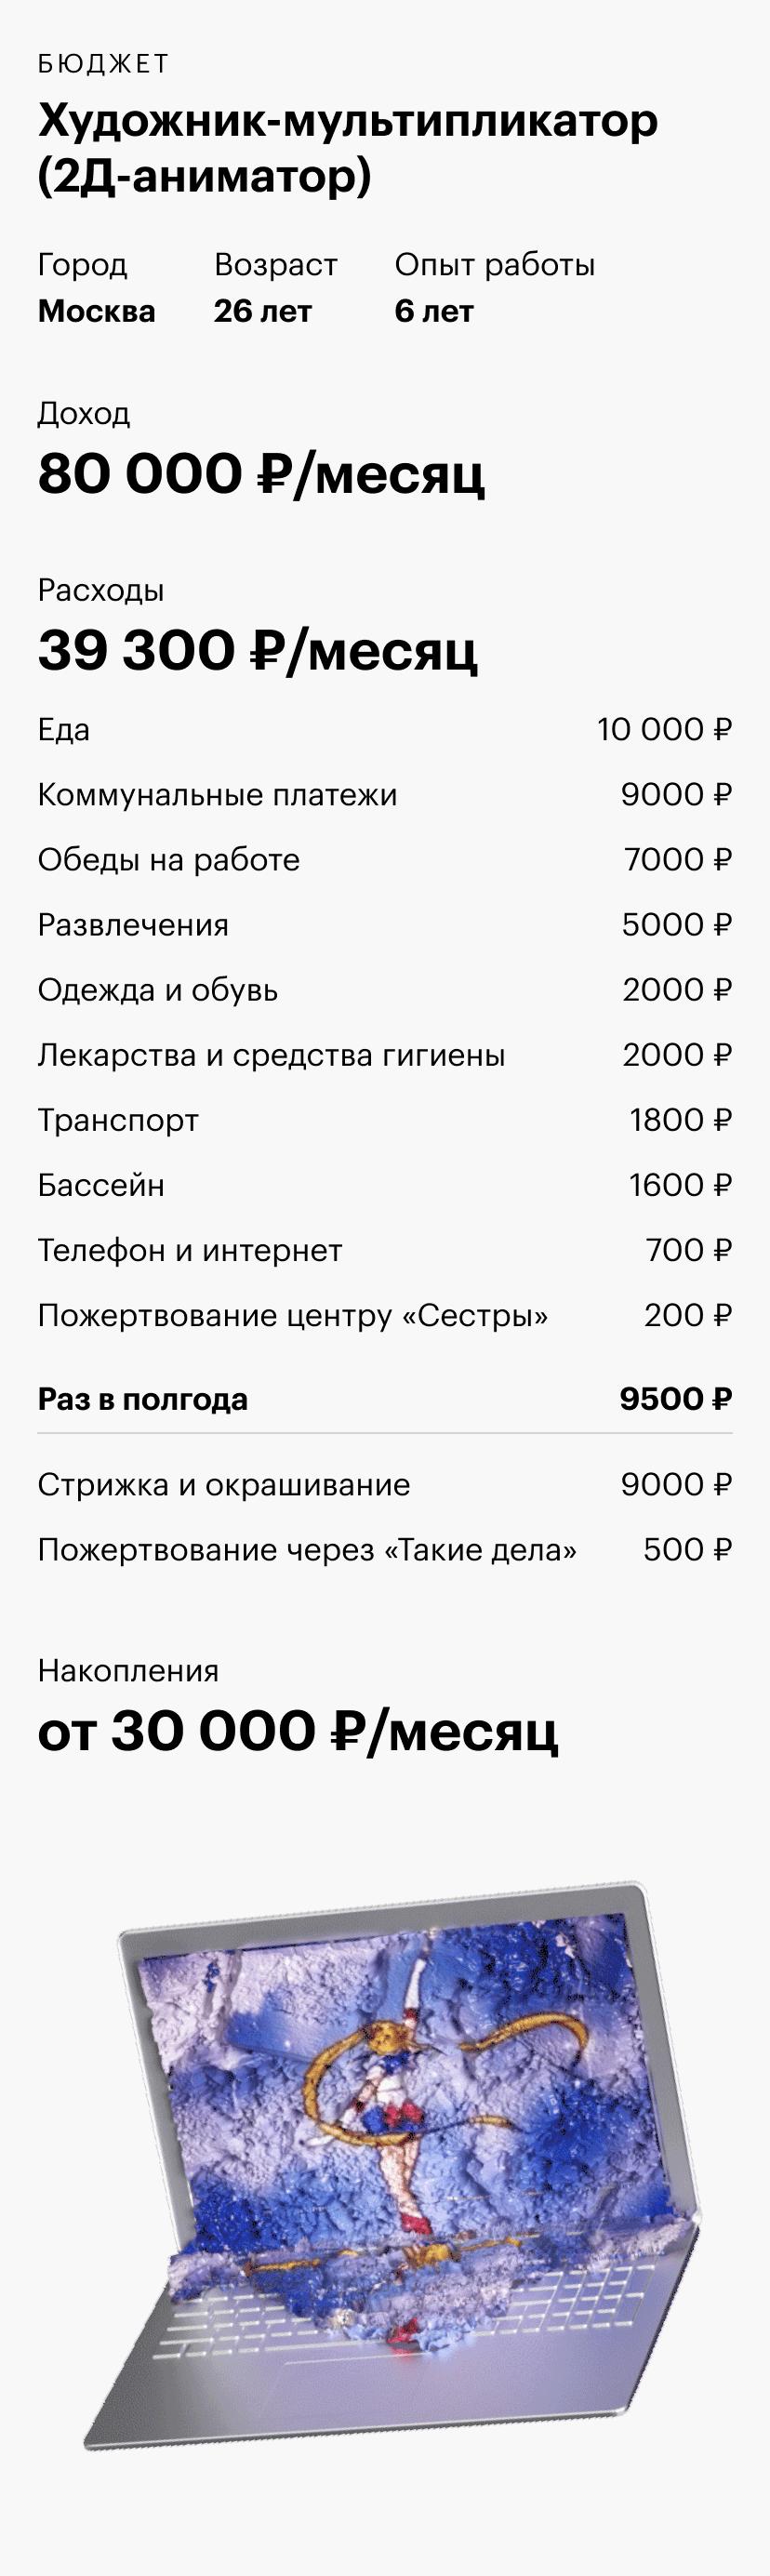 сколько платят за звание герой россии